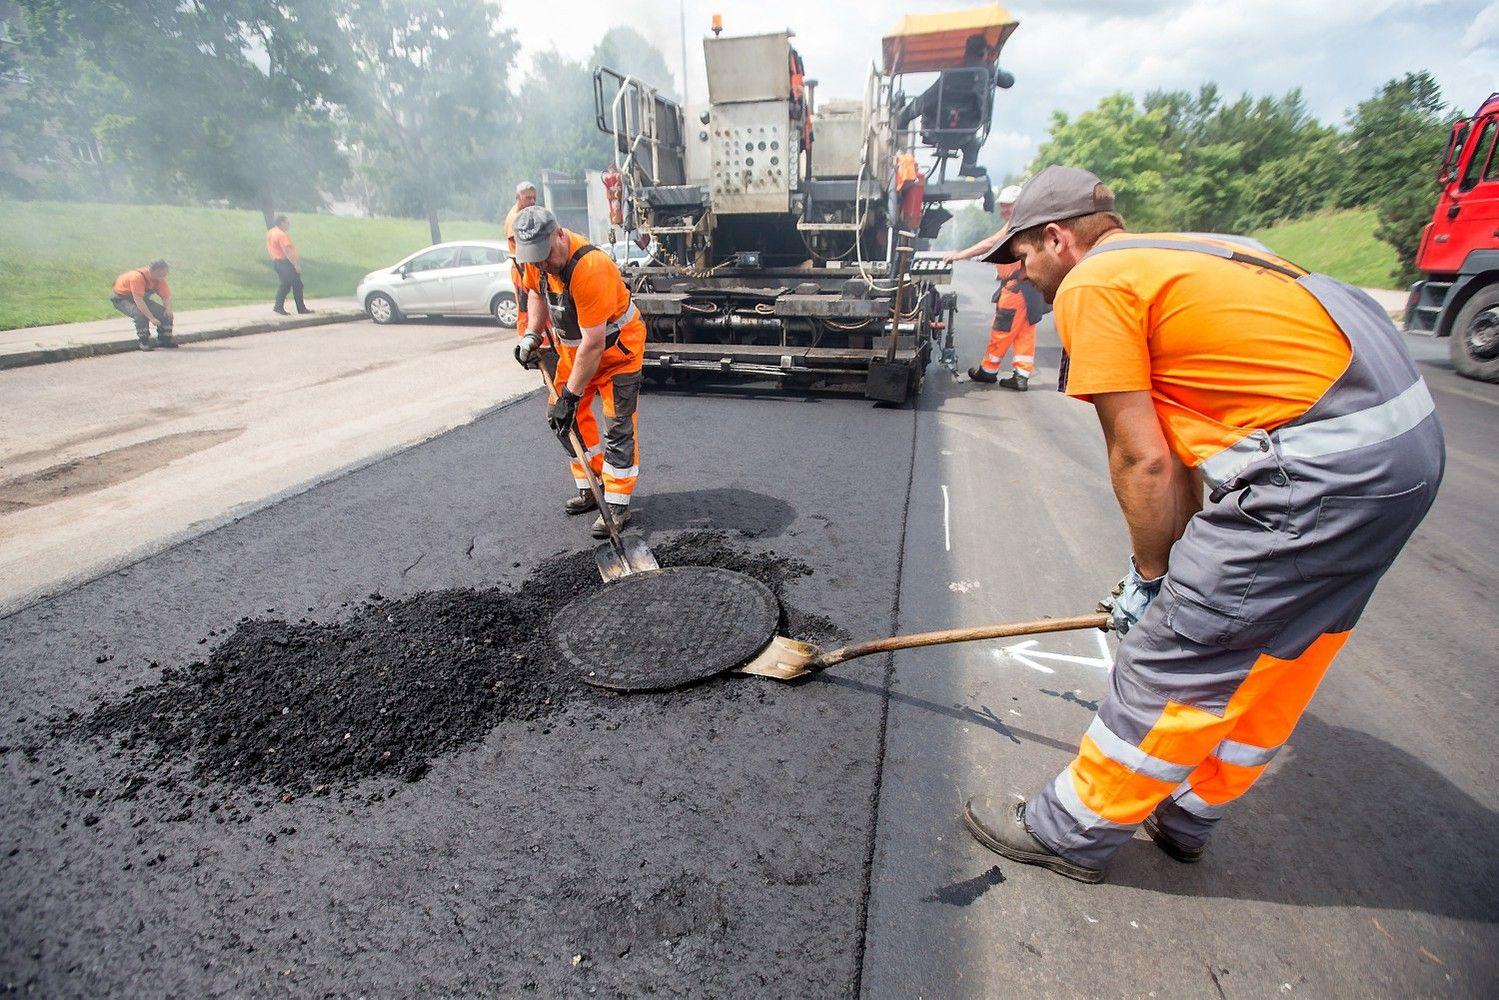 Vyriausybė pradėjo regioninių kelių priežiūros įmonių pertvarką